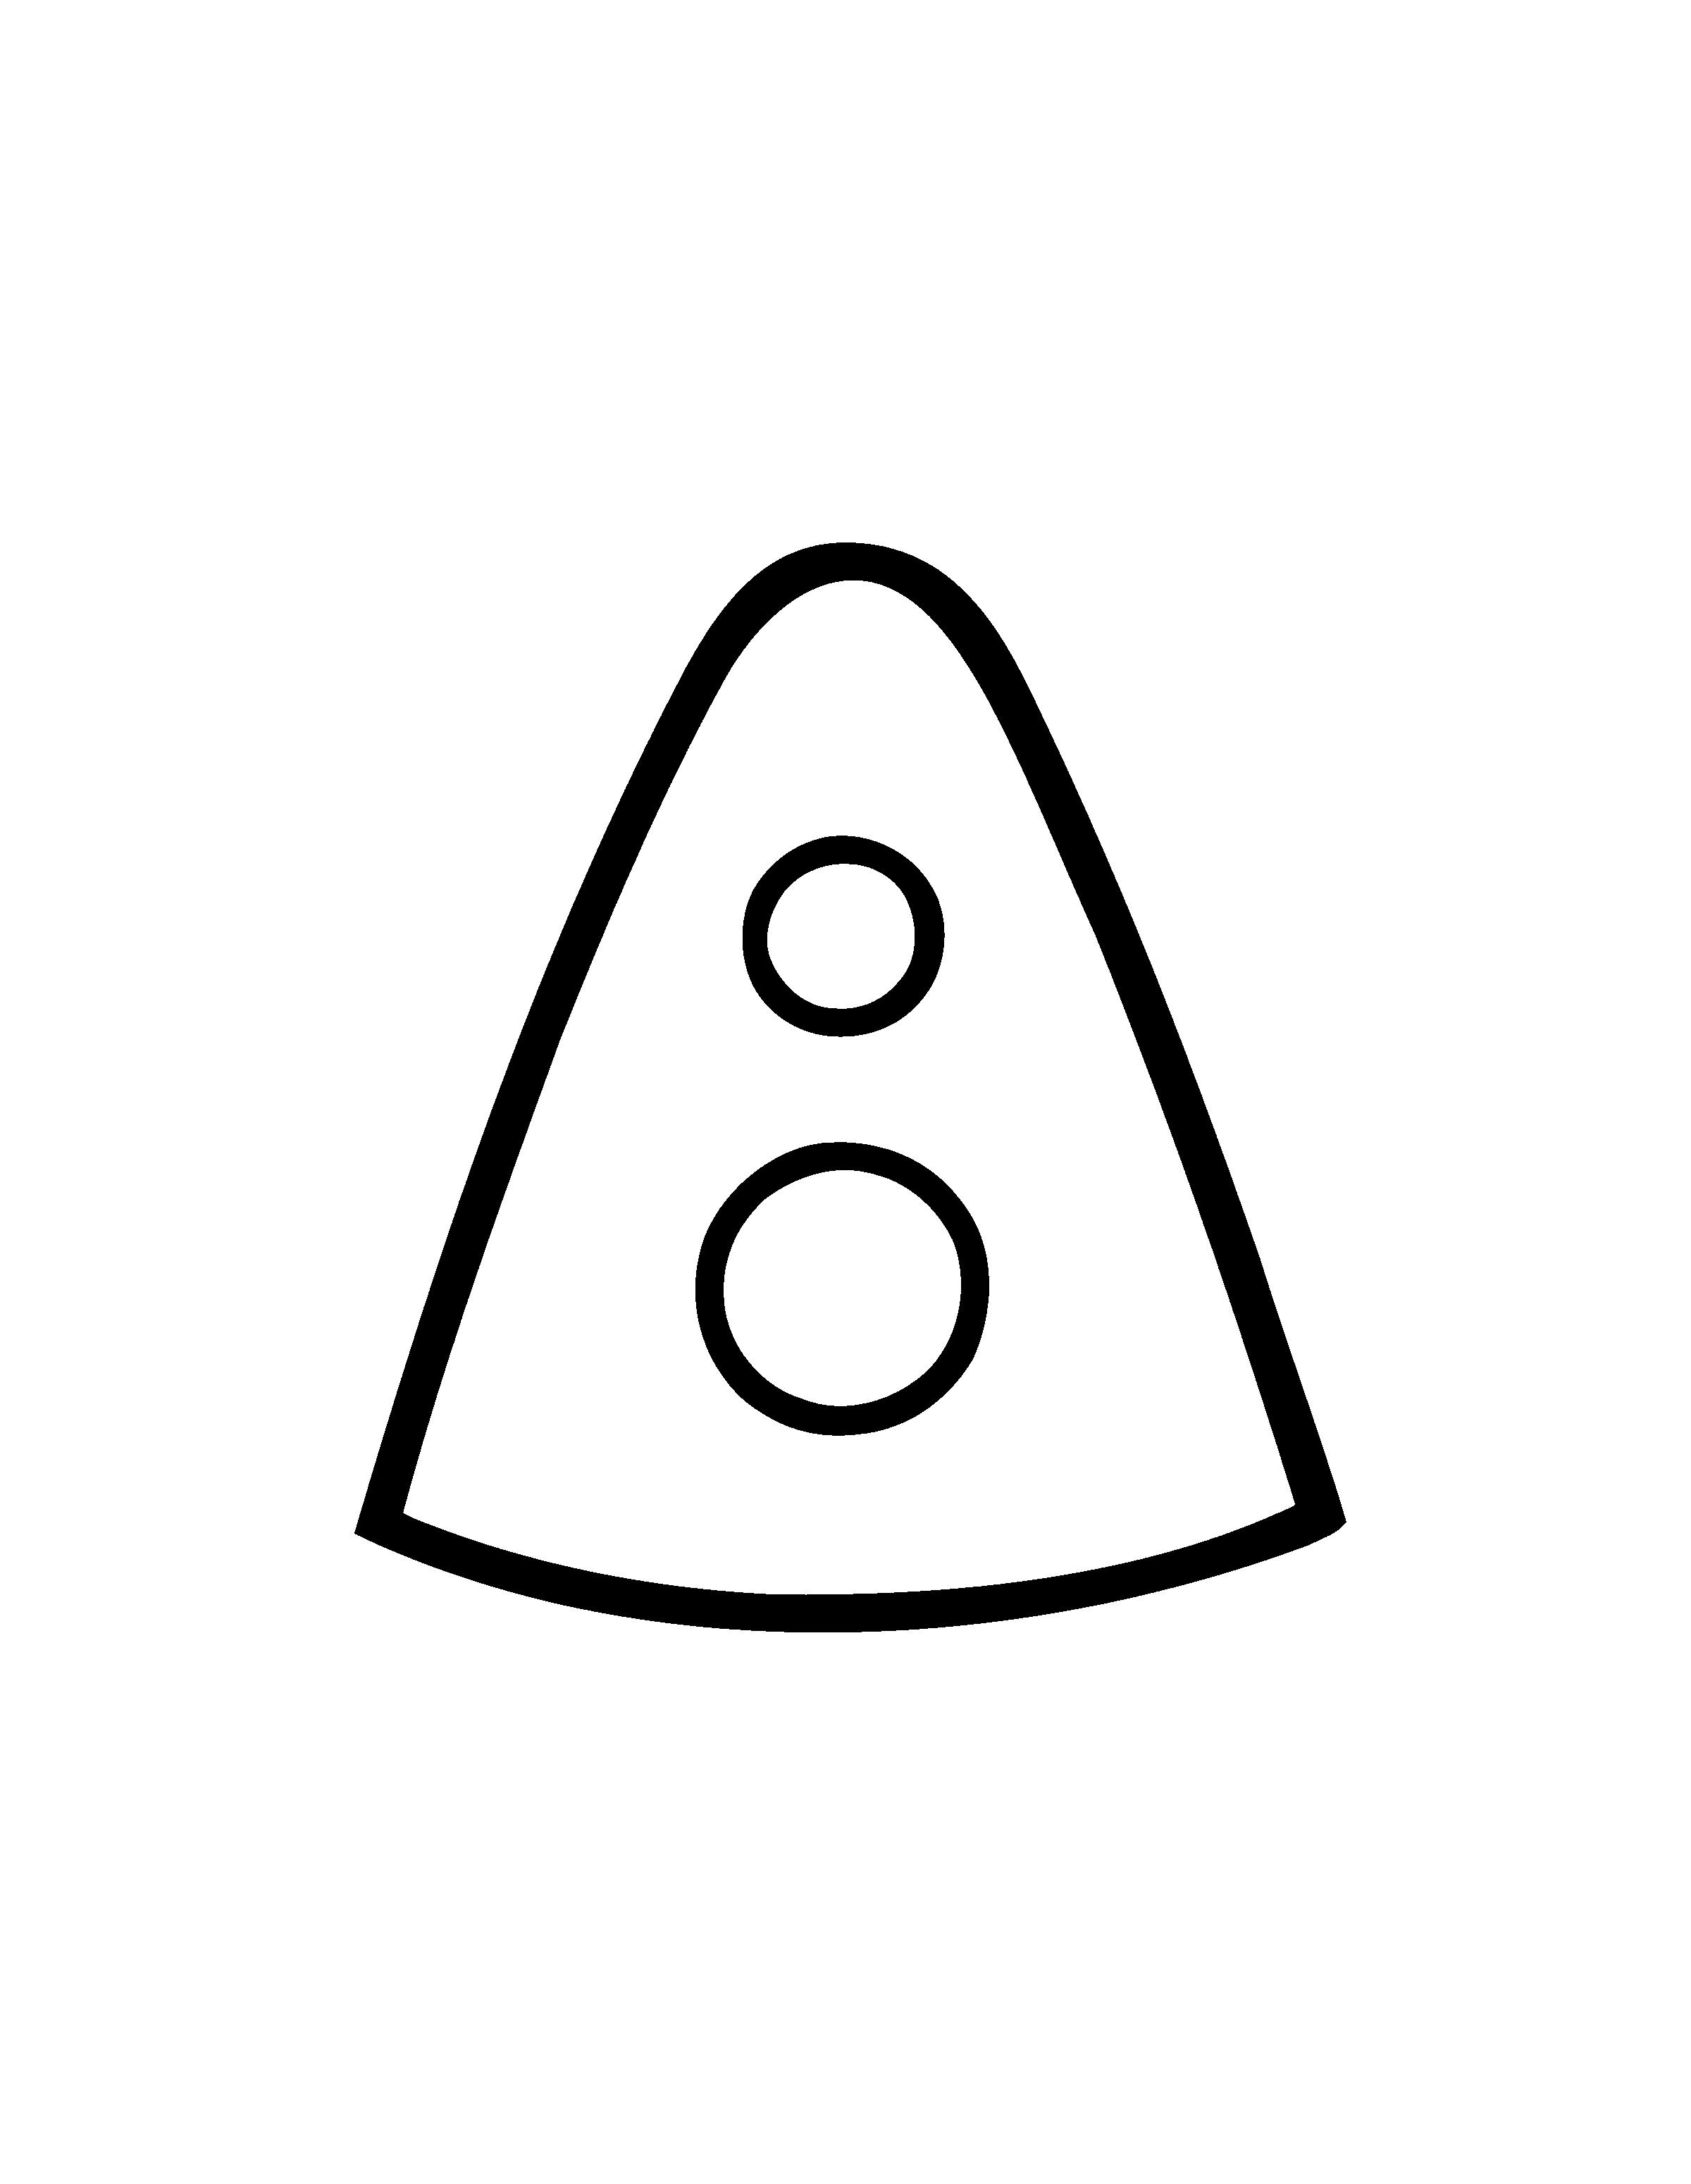 pin heidi muylaert op kleurplaten hoed knutselen thema